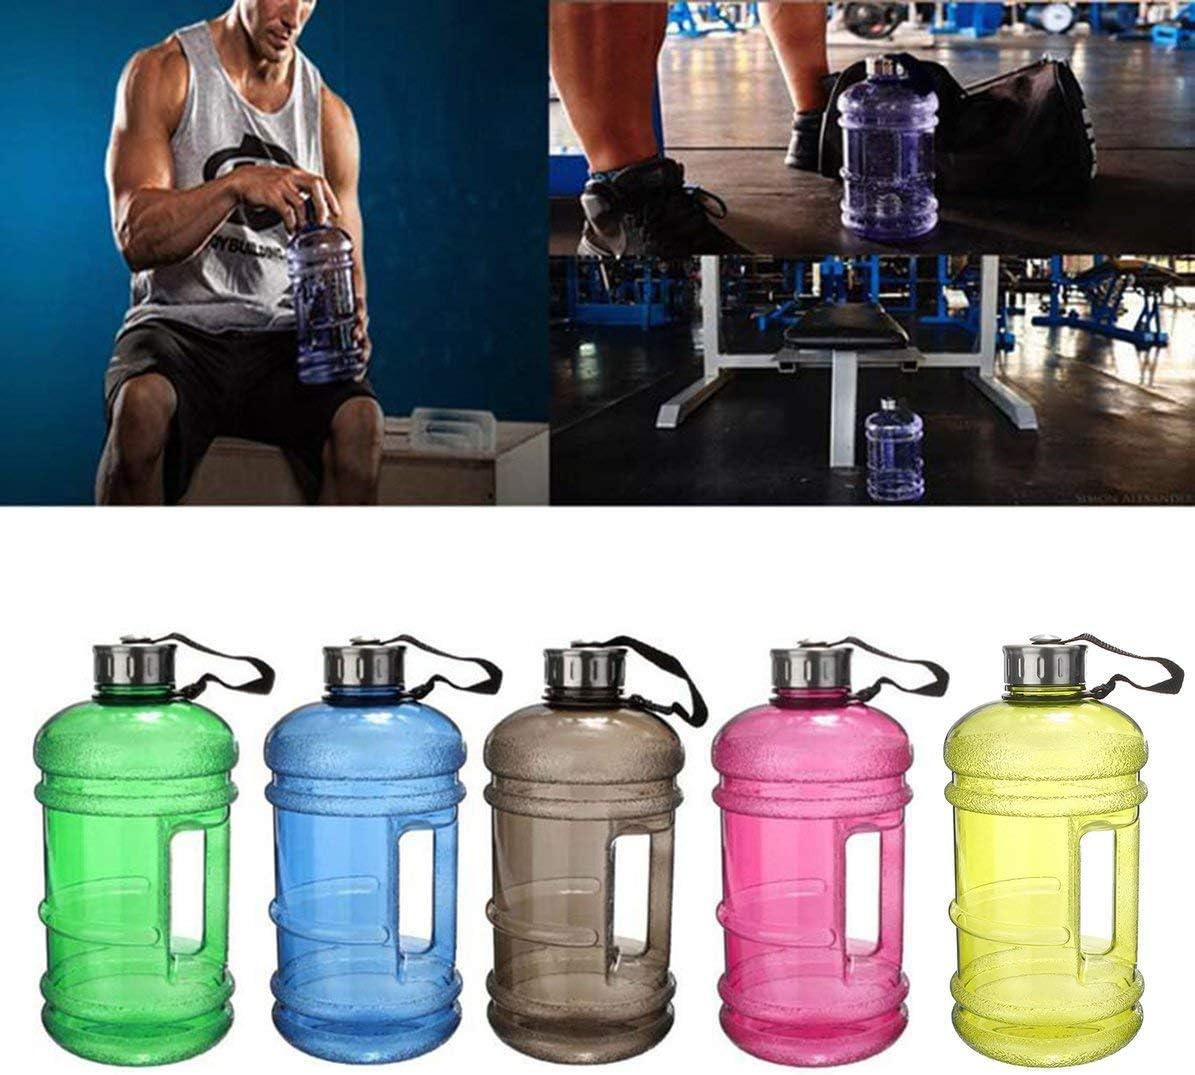 Blau Lisadi 2.2L Gro/ße Gro/ße Wasserflasche Gro/ße Kapazit/ät Wasserkocher Outdoor Sports Gym Fitness Wasserflasche f/ür das Training Camping Laufen